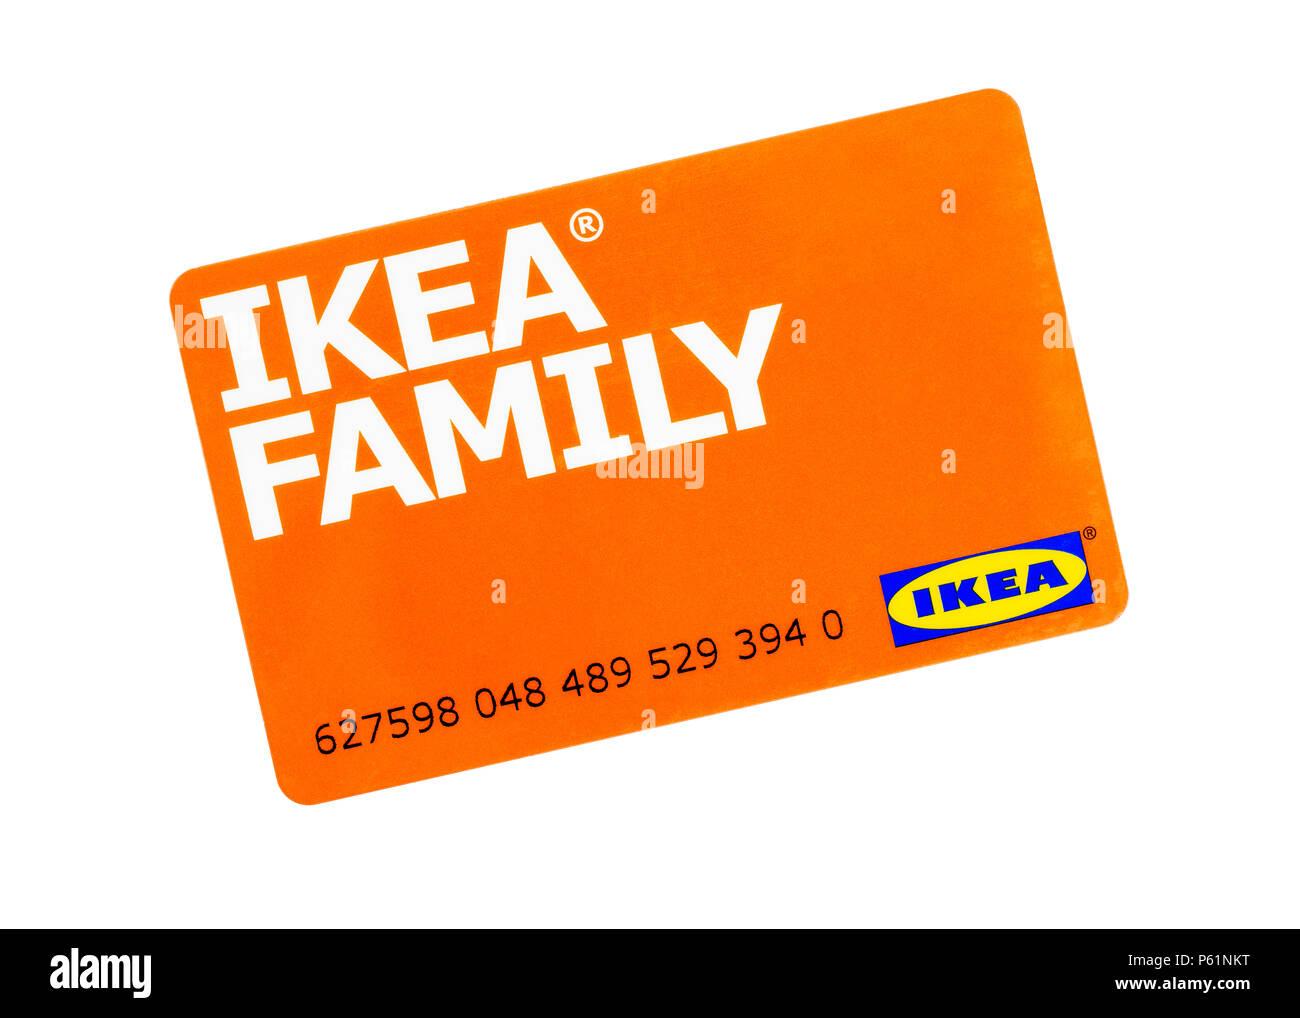 Ikea Family Stock Photos Ikea Family Stock Images Alamy